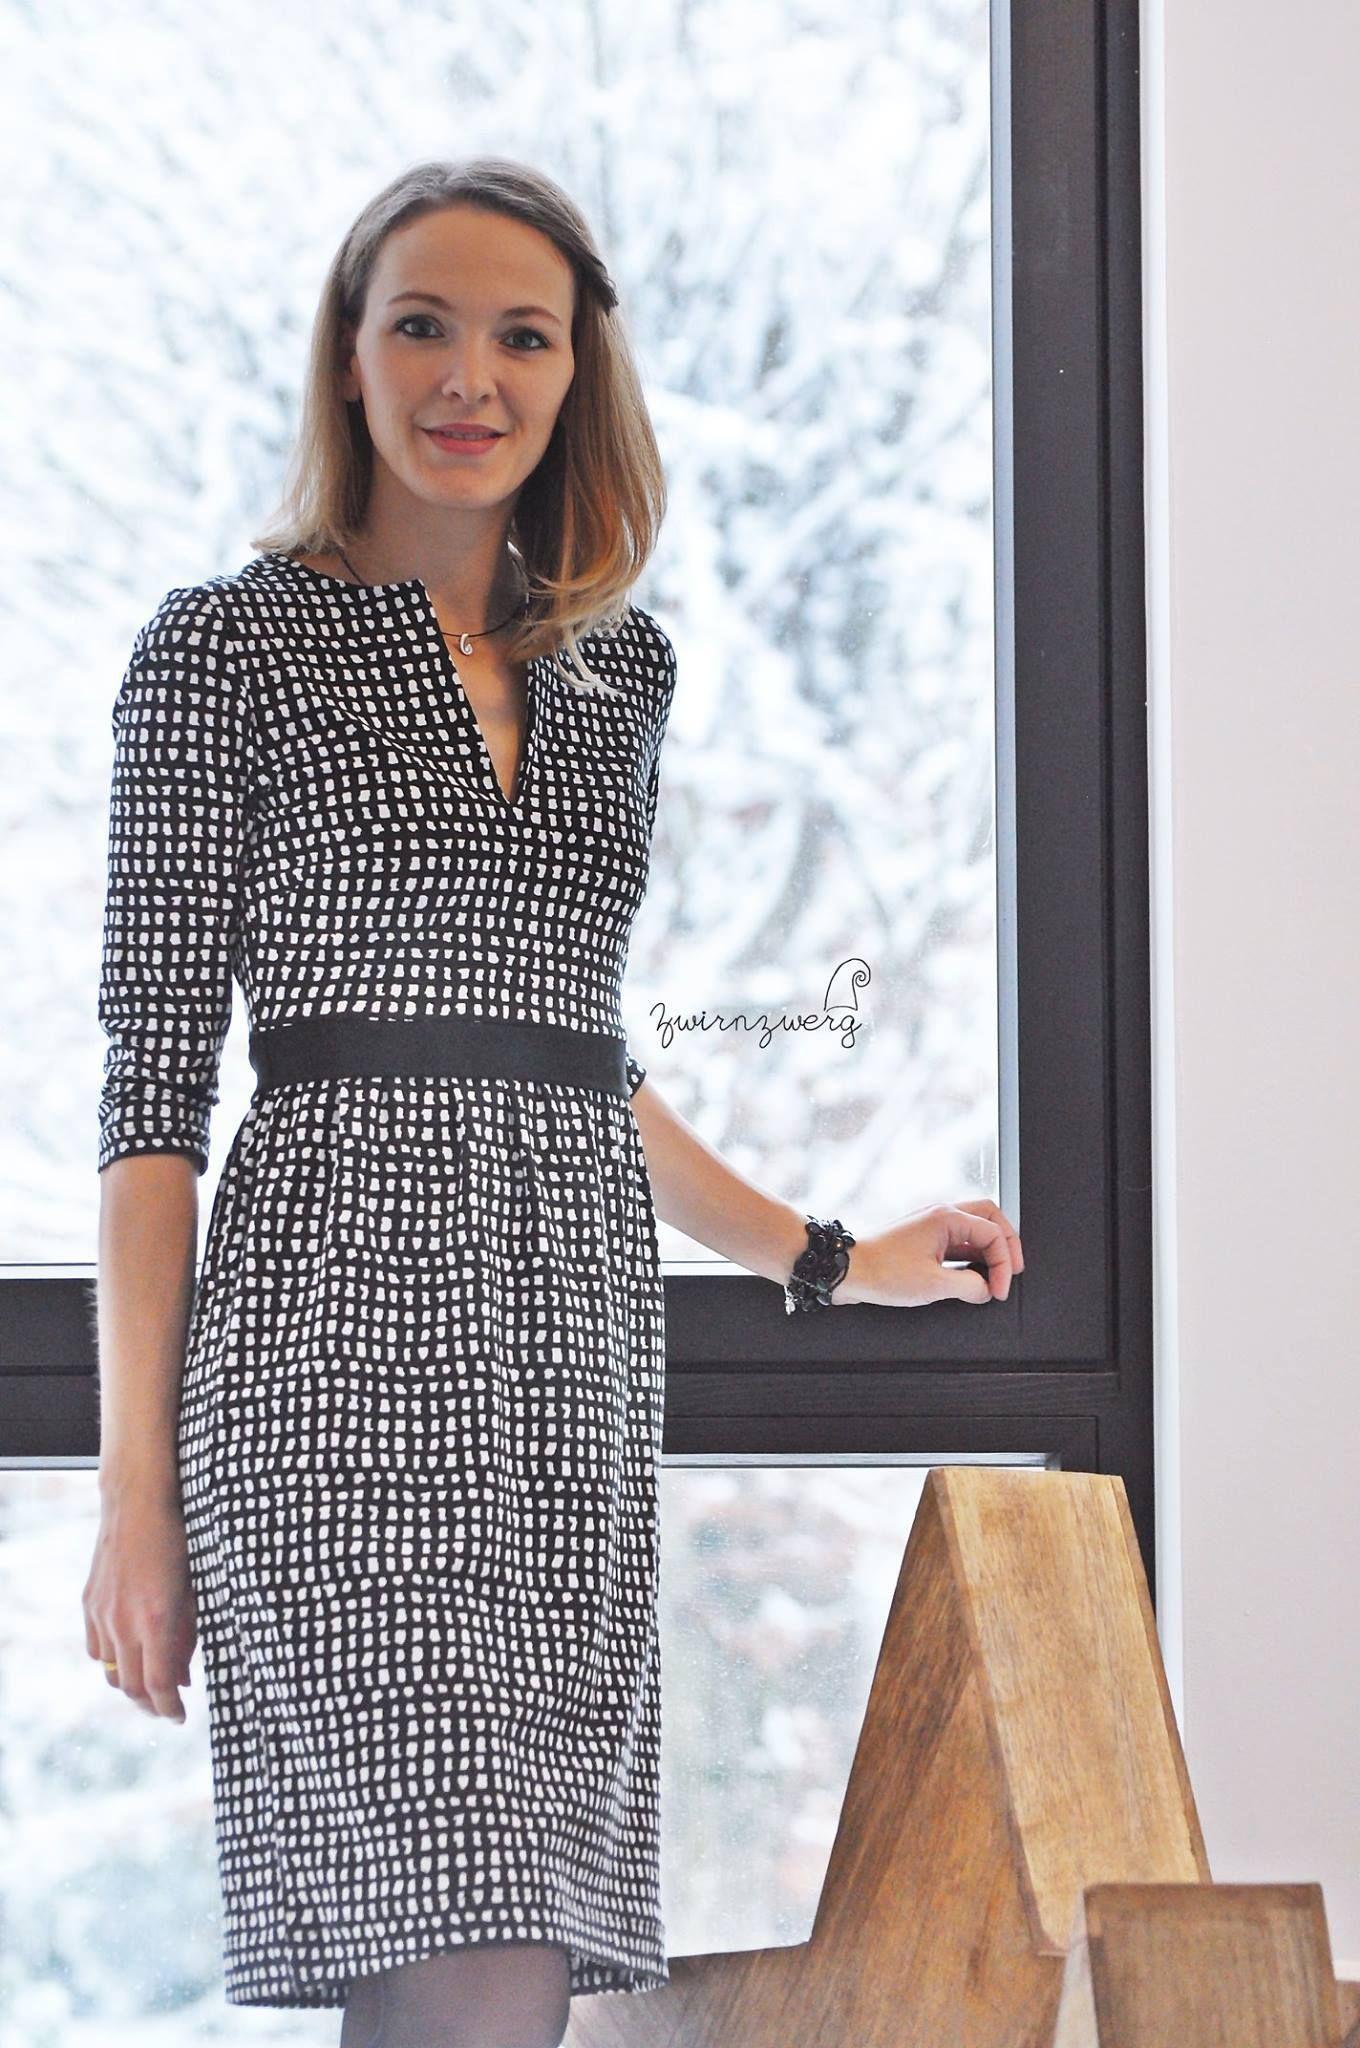 elisabeth | kleider damen, kleid nähen, kleidung